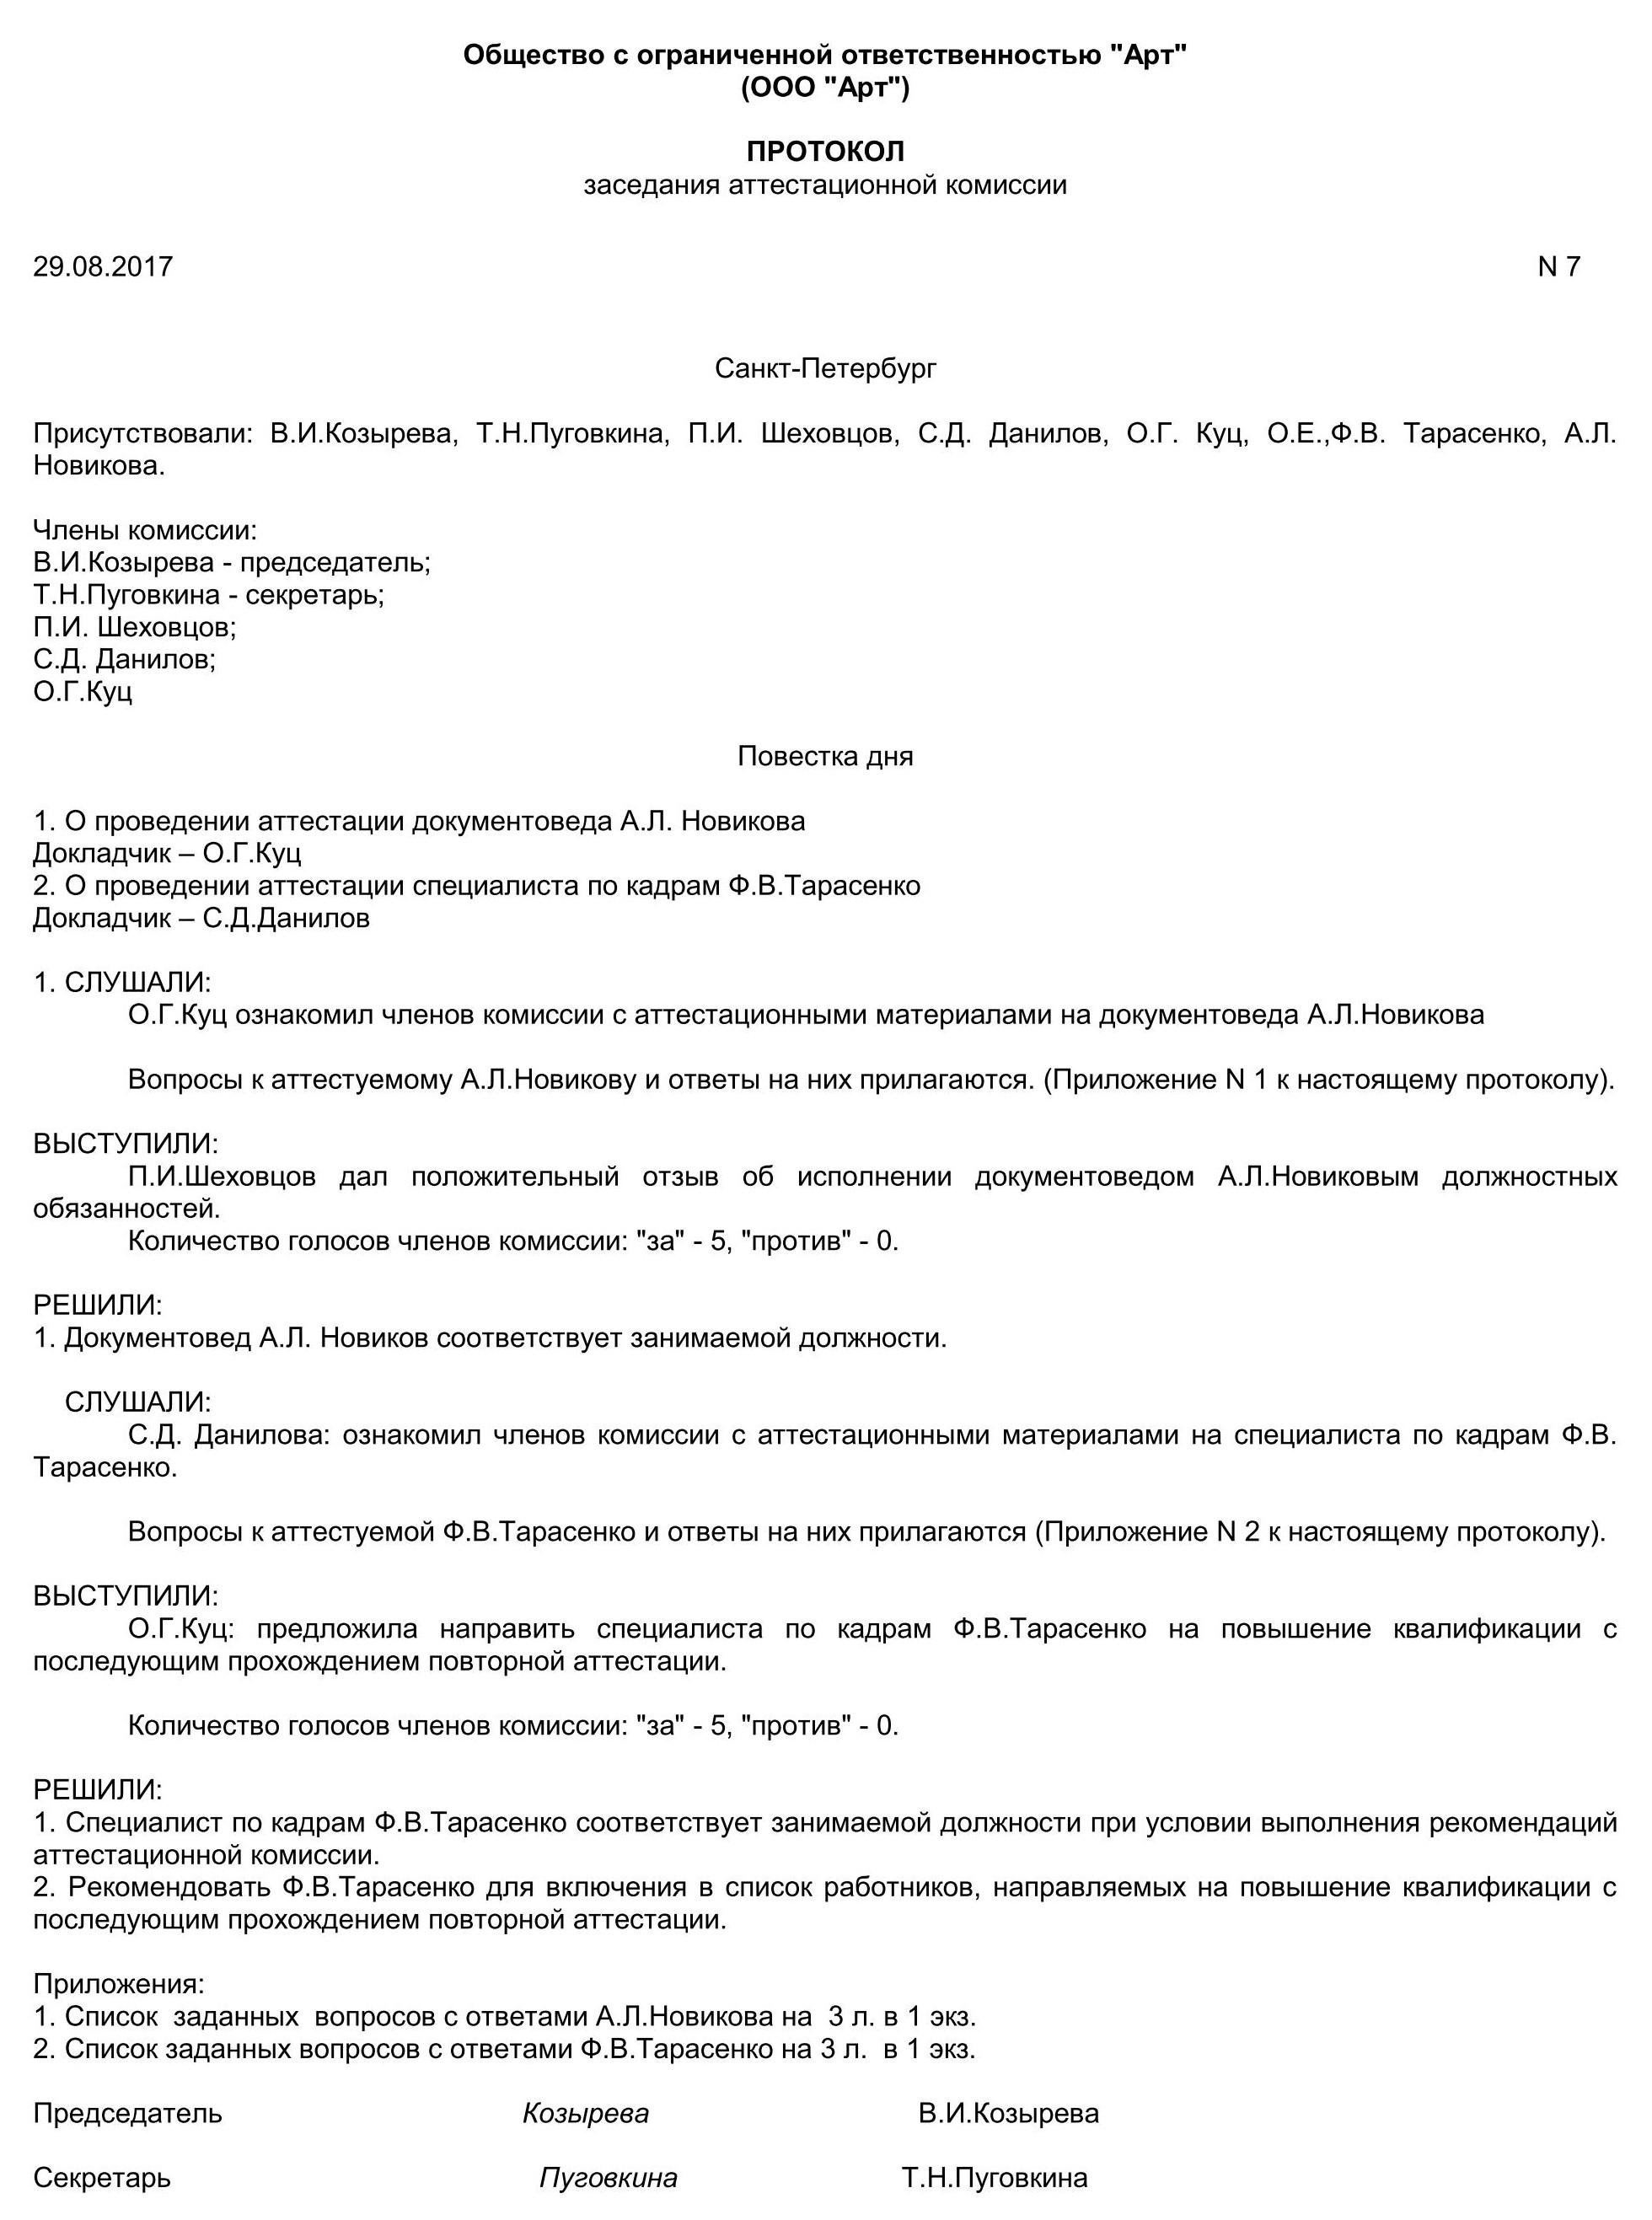 Протокол Инвентаризационной Комиссии образец